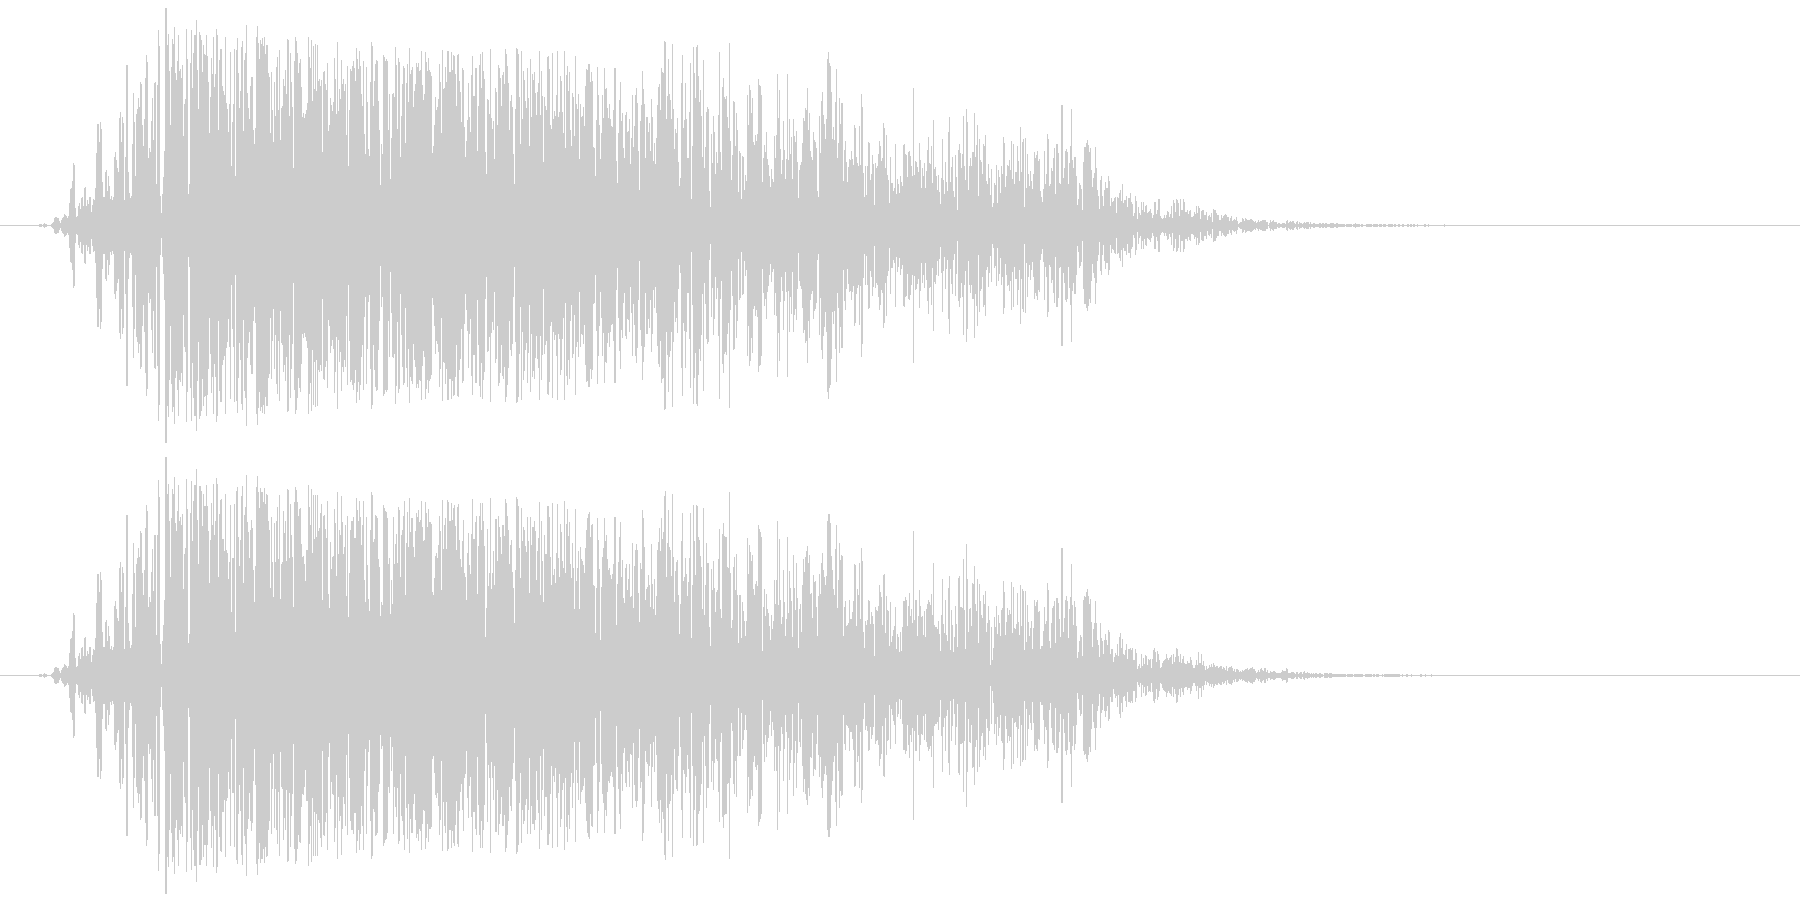 モンスター ガオー 02の未再生の波形